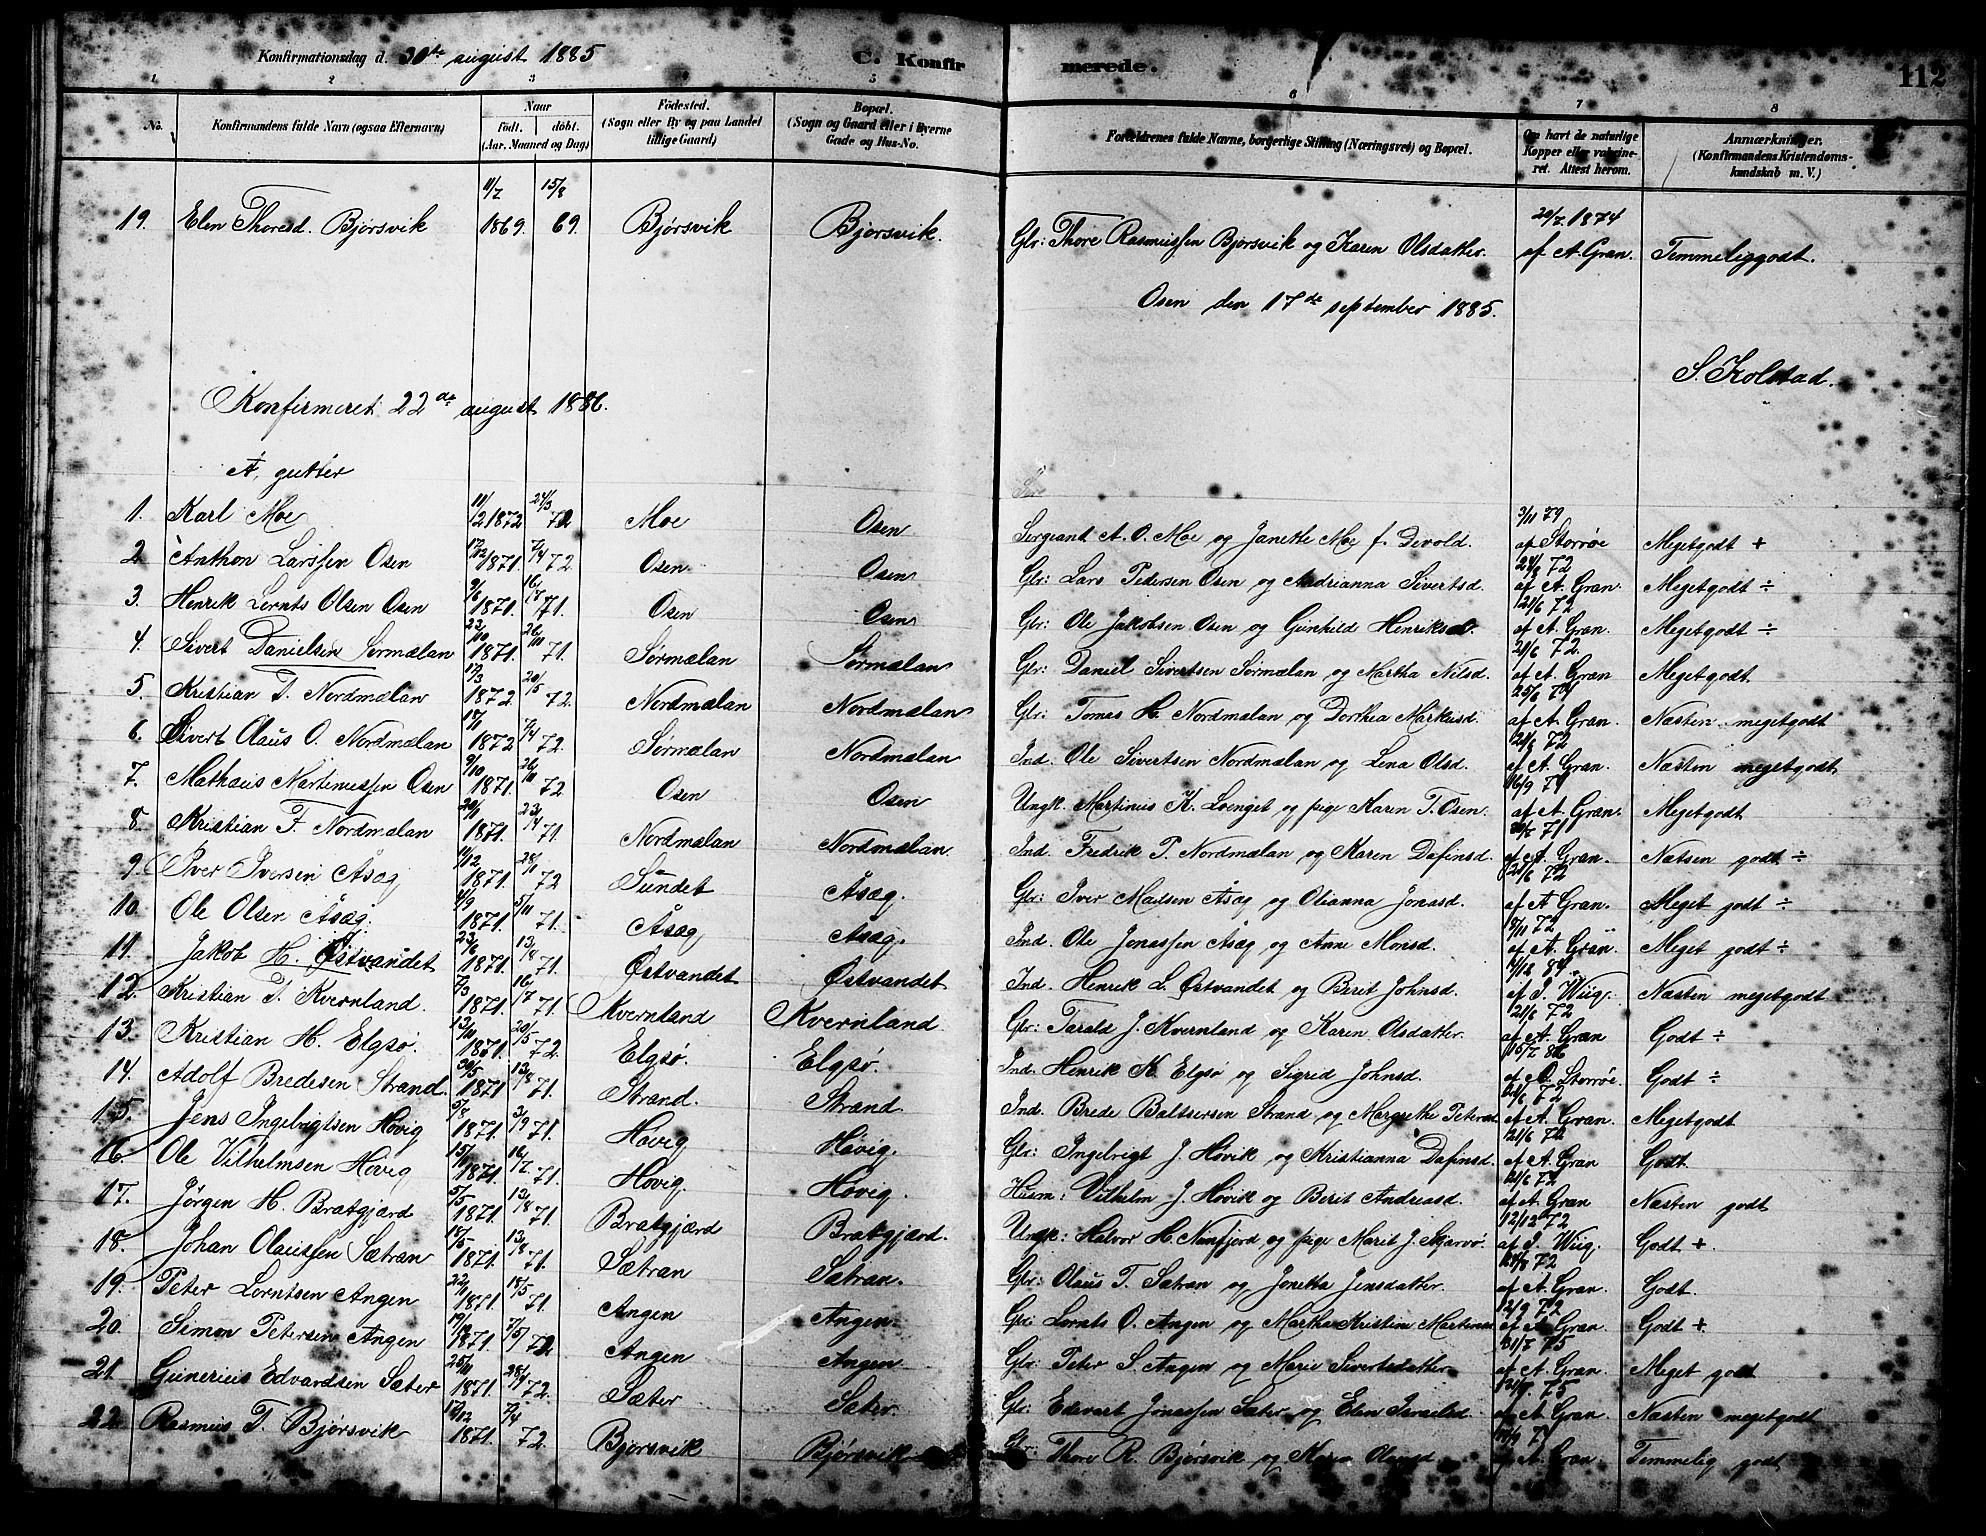 SAT, Ministerialprotokoller, klokkerbøker og fødselsregistre - Sør-Trøndelag, 658/L0726: Klokkerbok nr. 658C02, 1883-1908, s. 112